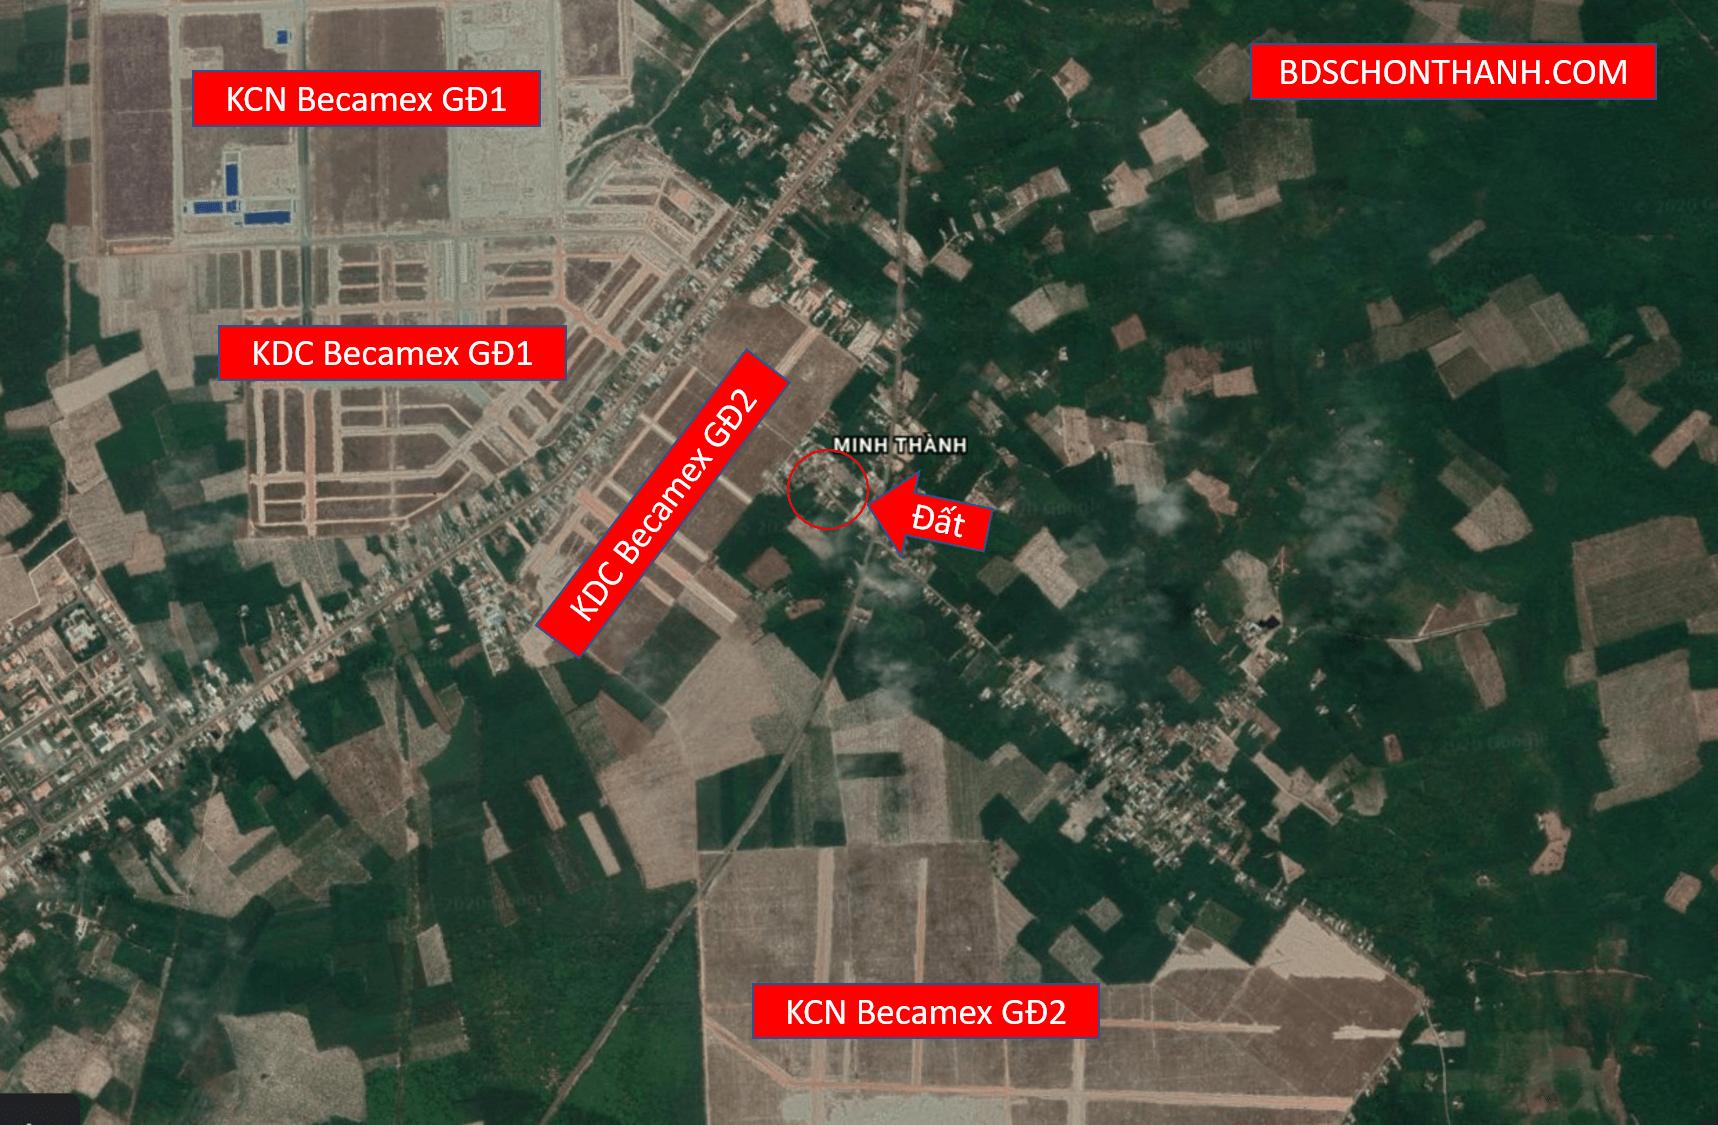 Bán đất đường DH516 hướng Minh Thành - An Long